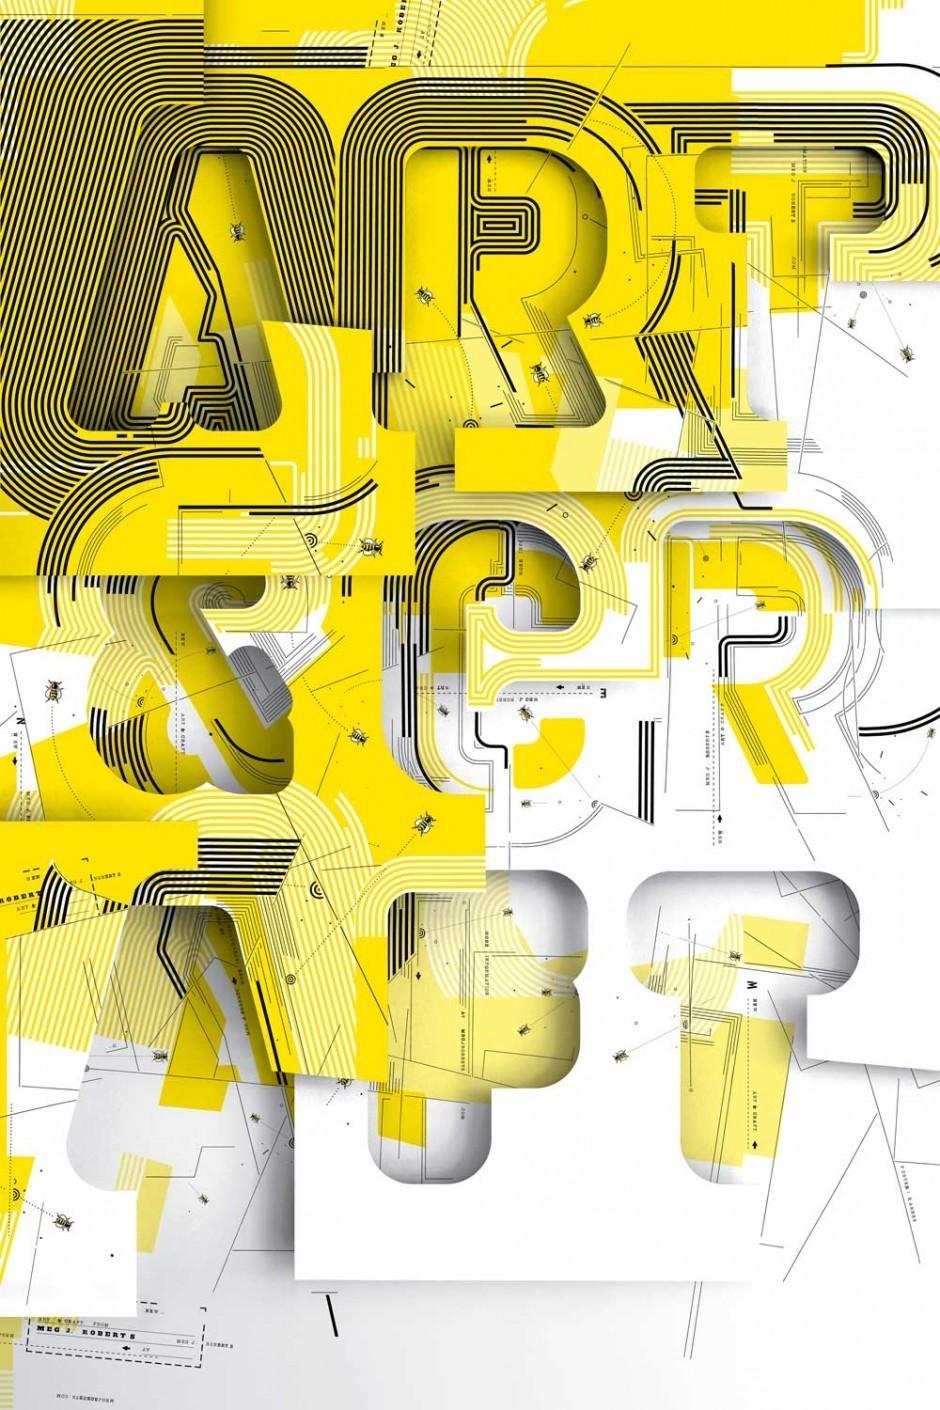 Poster für einen Schmuckhersteller, dass die Entwicklung von der Skizze bis zum physischen Schmuckstück zeigen soll